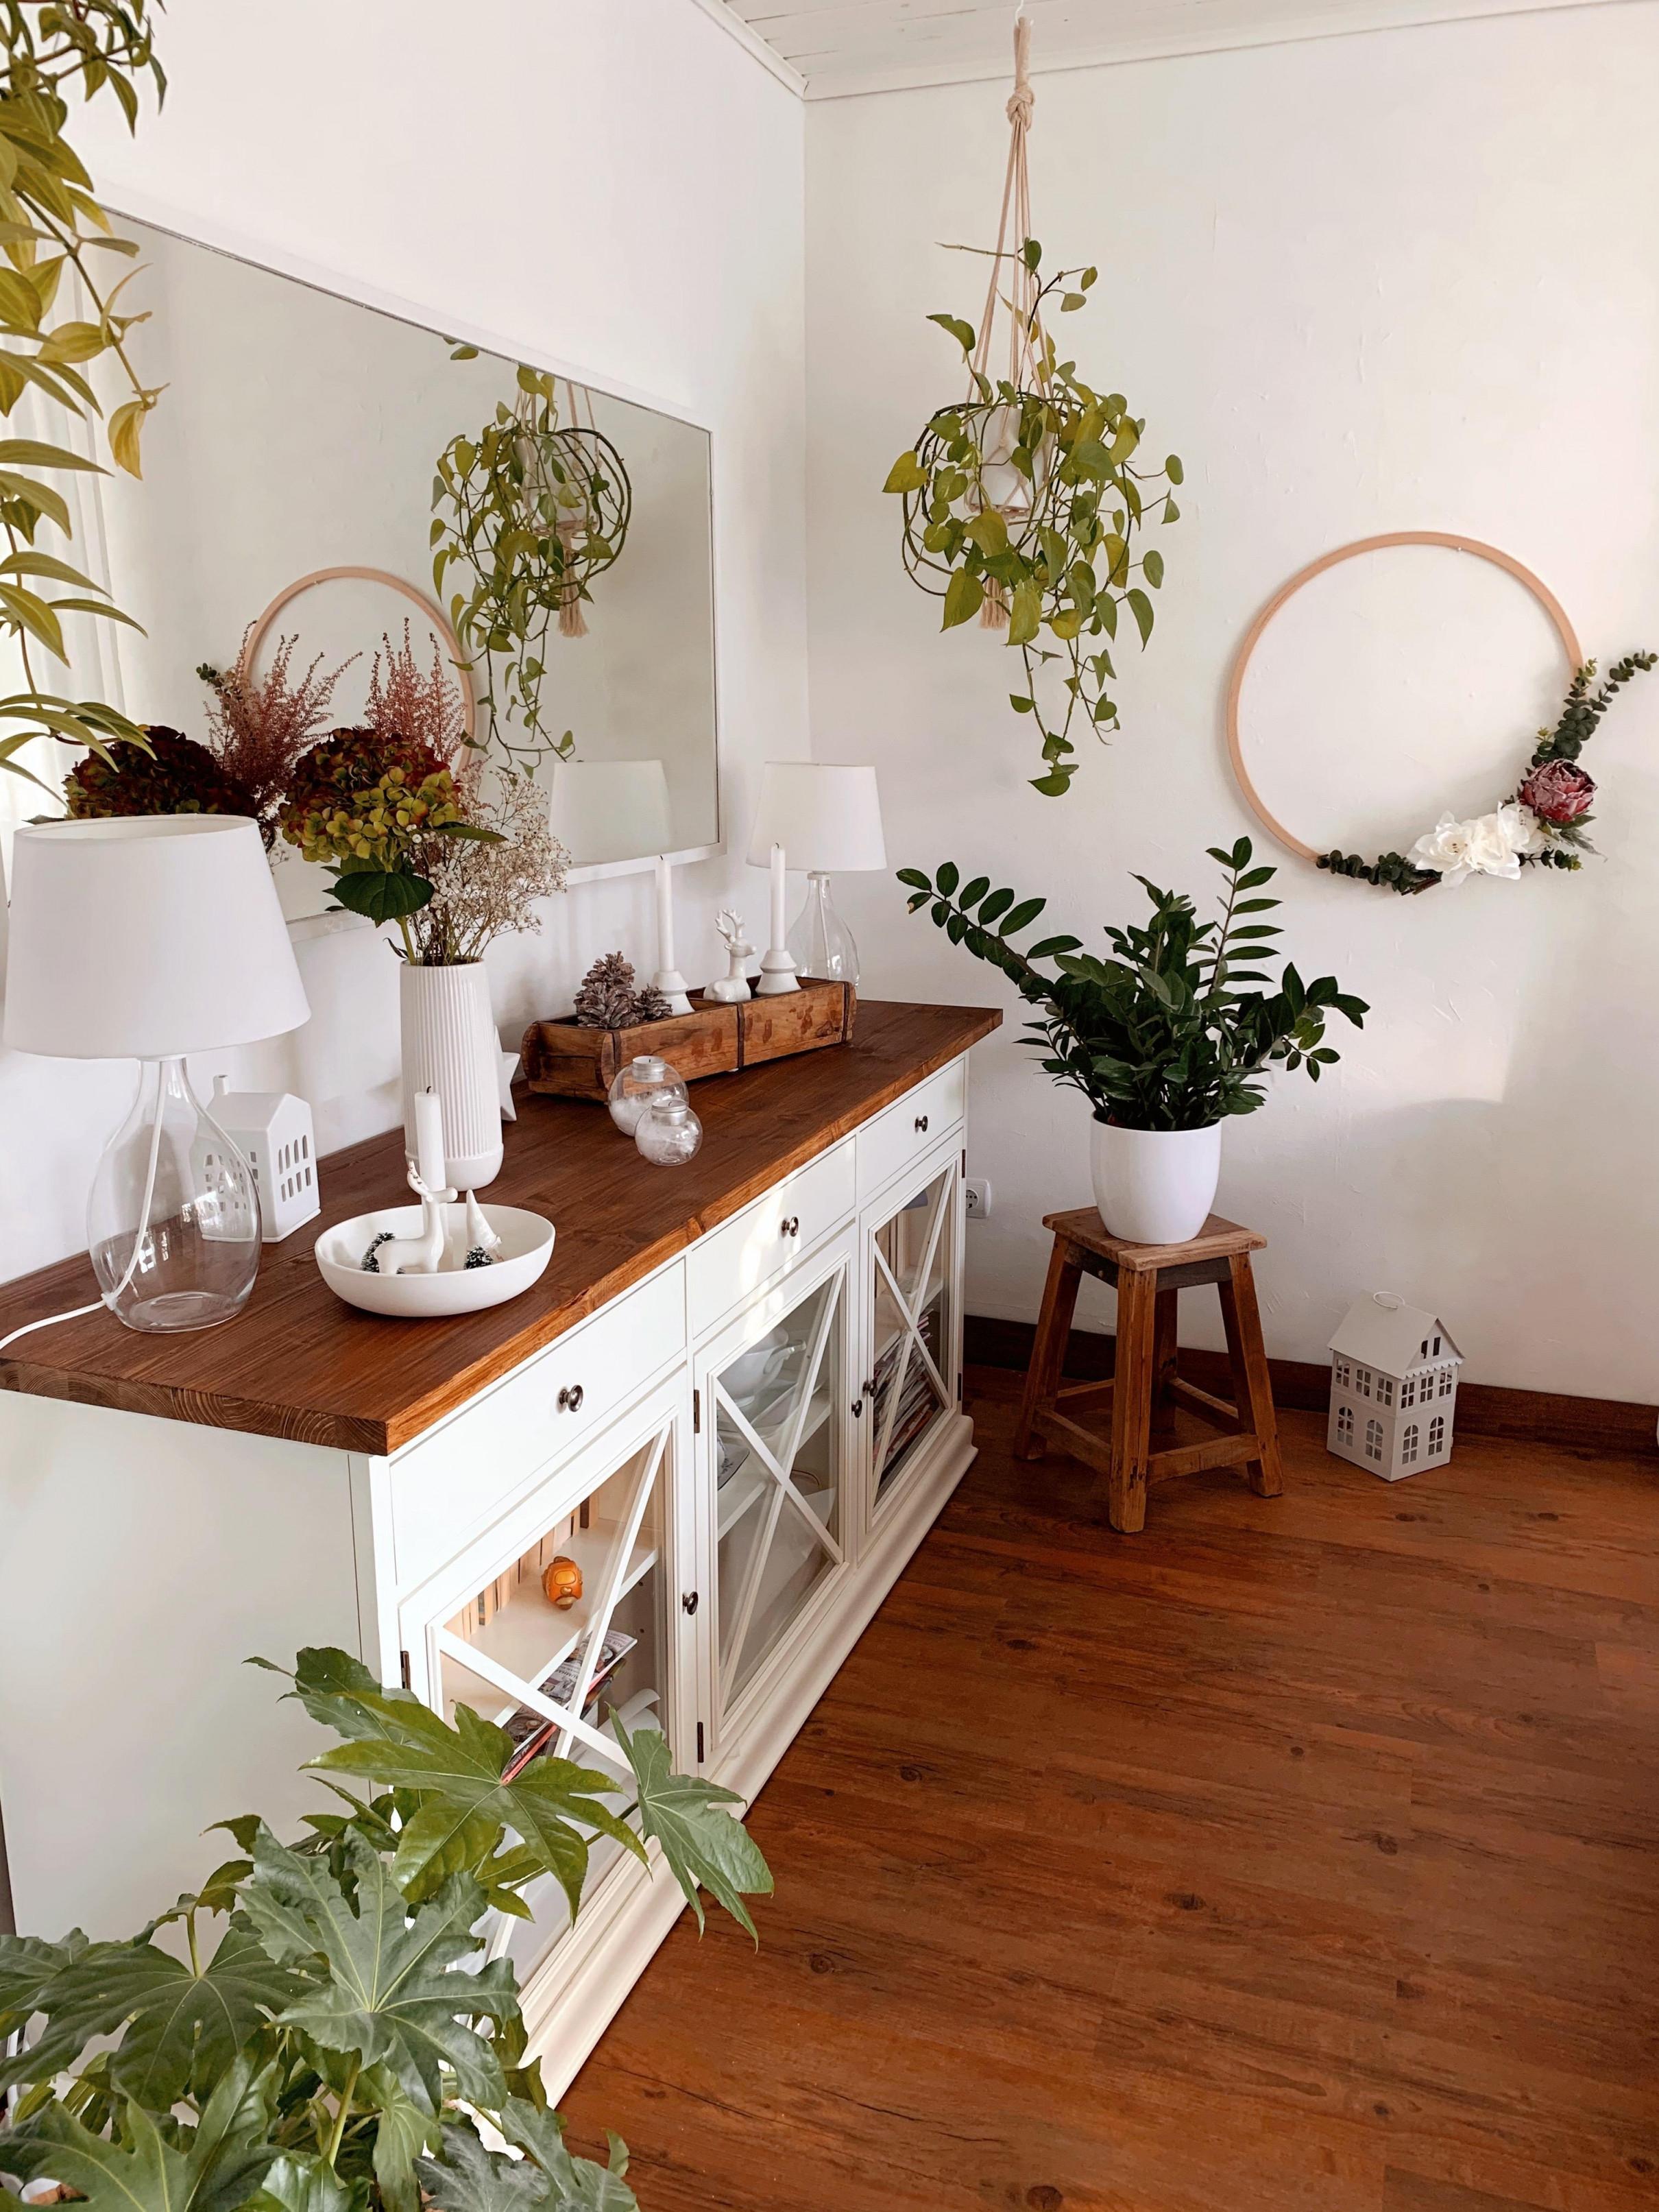 Wohnzimmer Landhaus Deko – Caseconrad von Landhaus Deko Wohnzimmer Photo